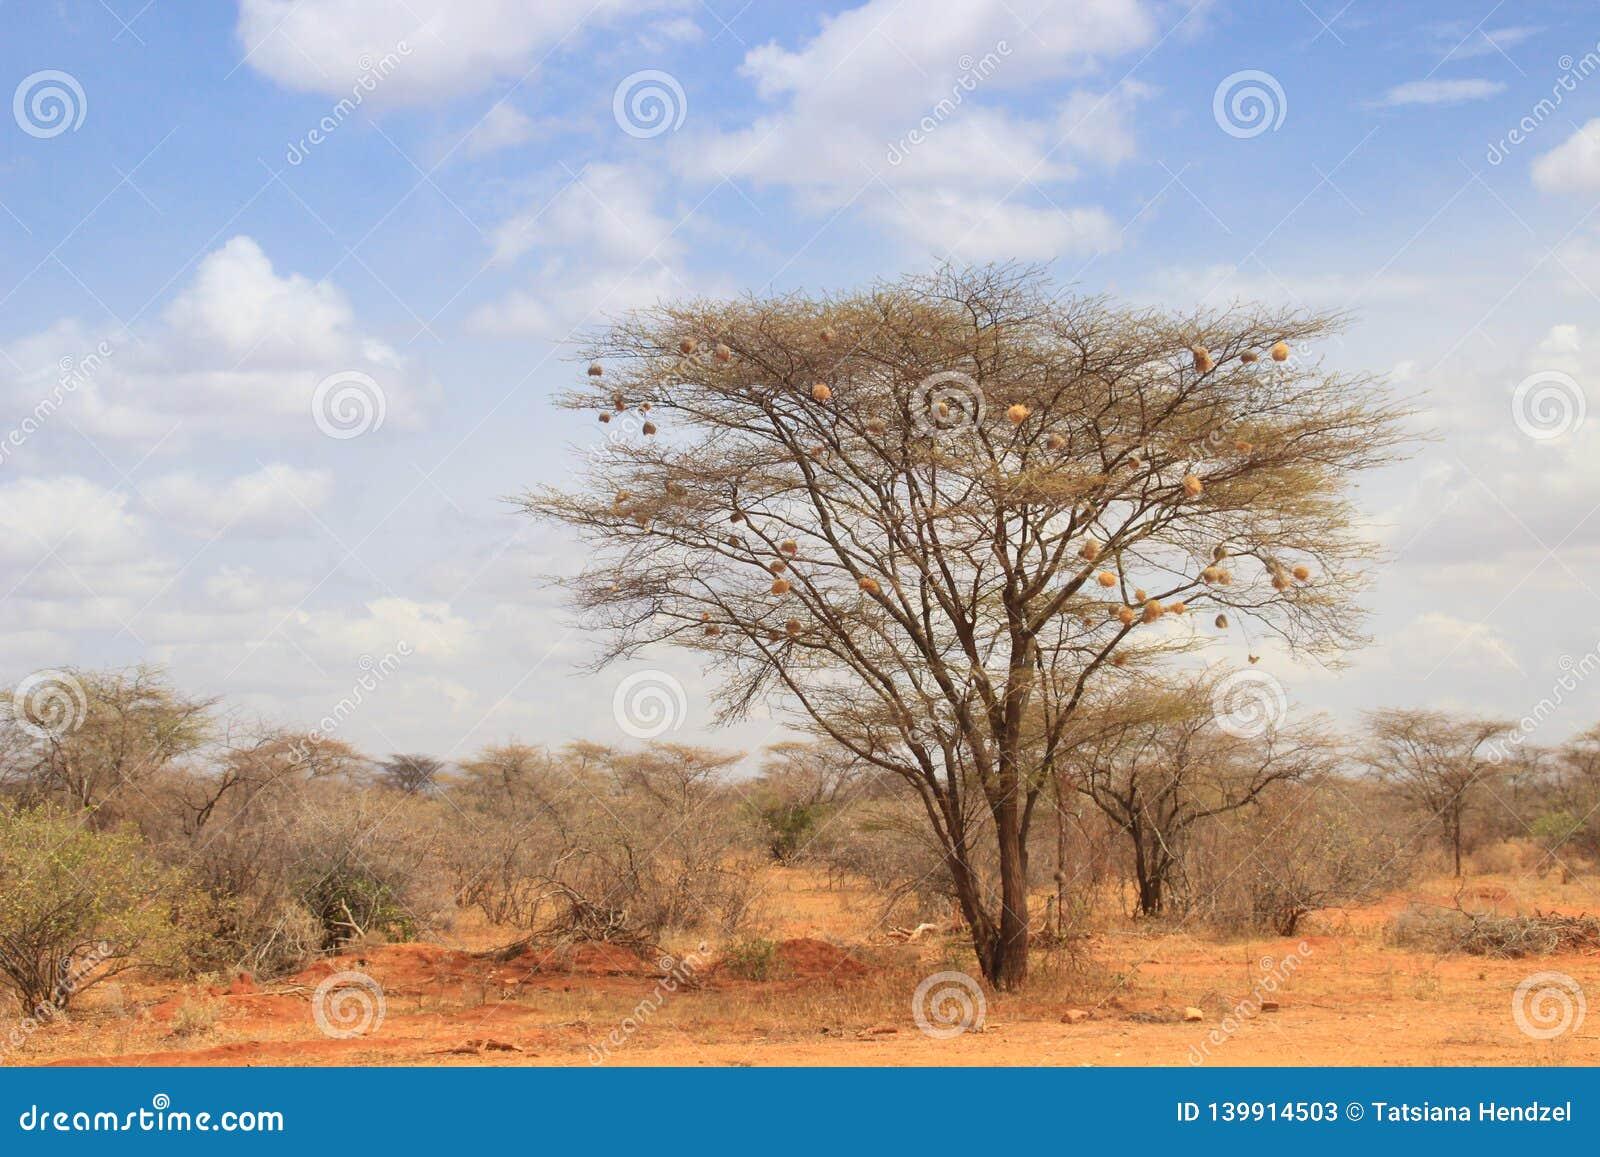 Сухое дерево акации в африканской саванне с много небольших гнезд птицы